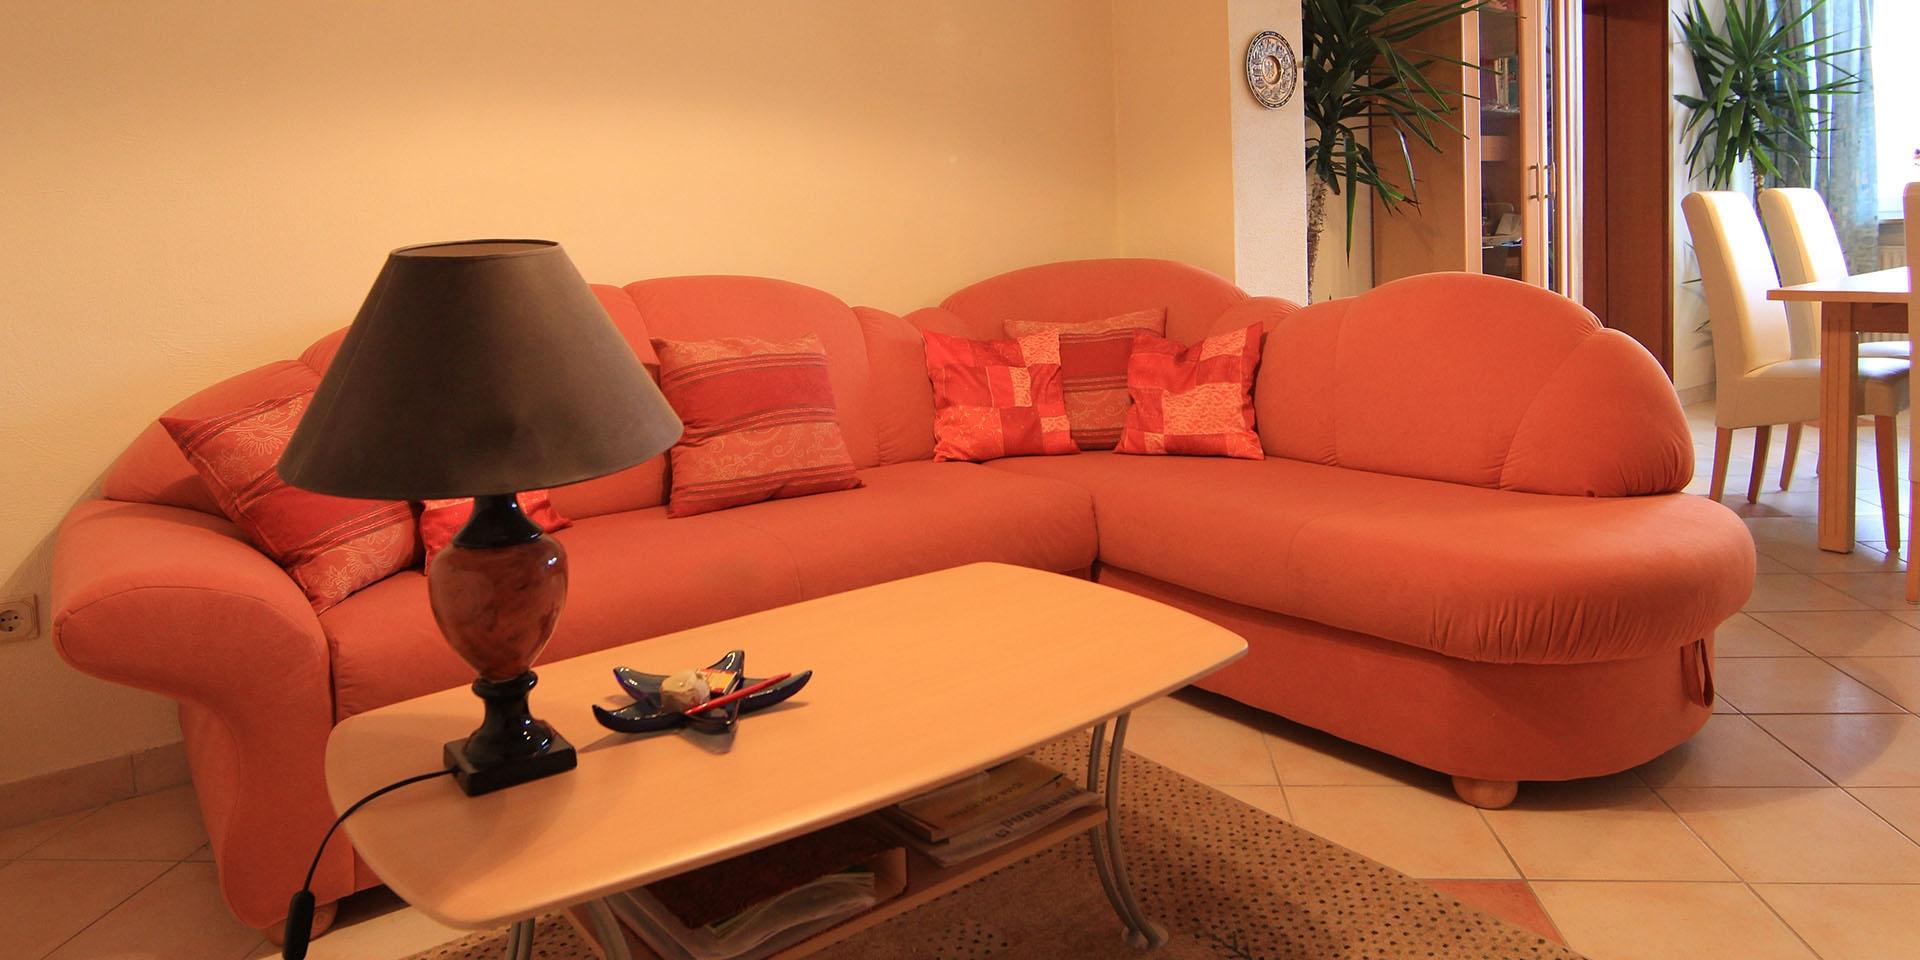 Mit bequemer Couch